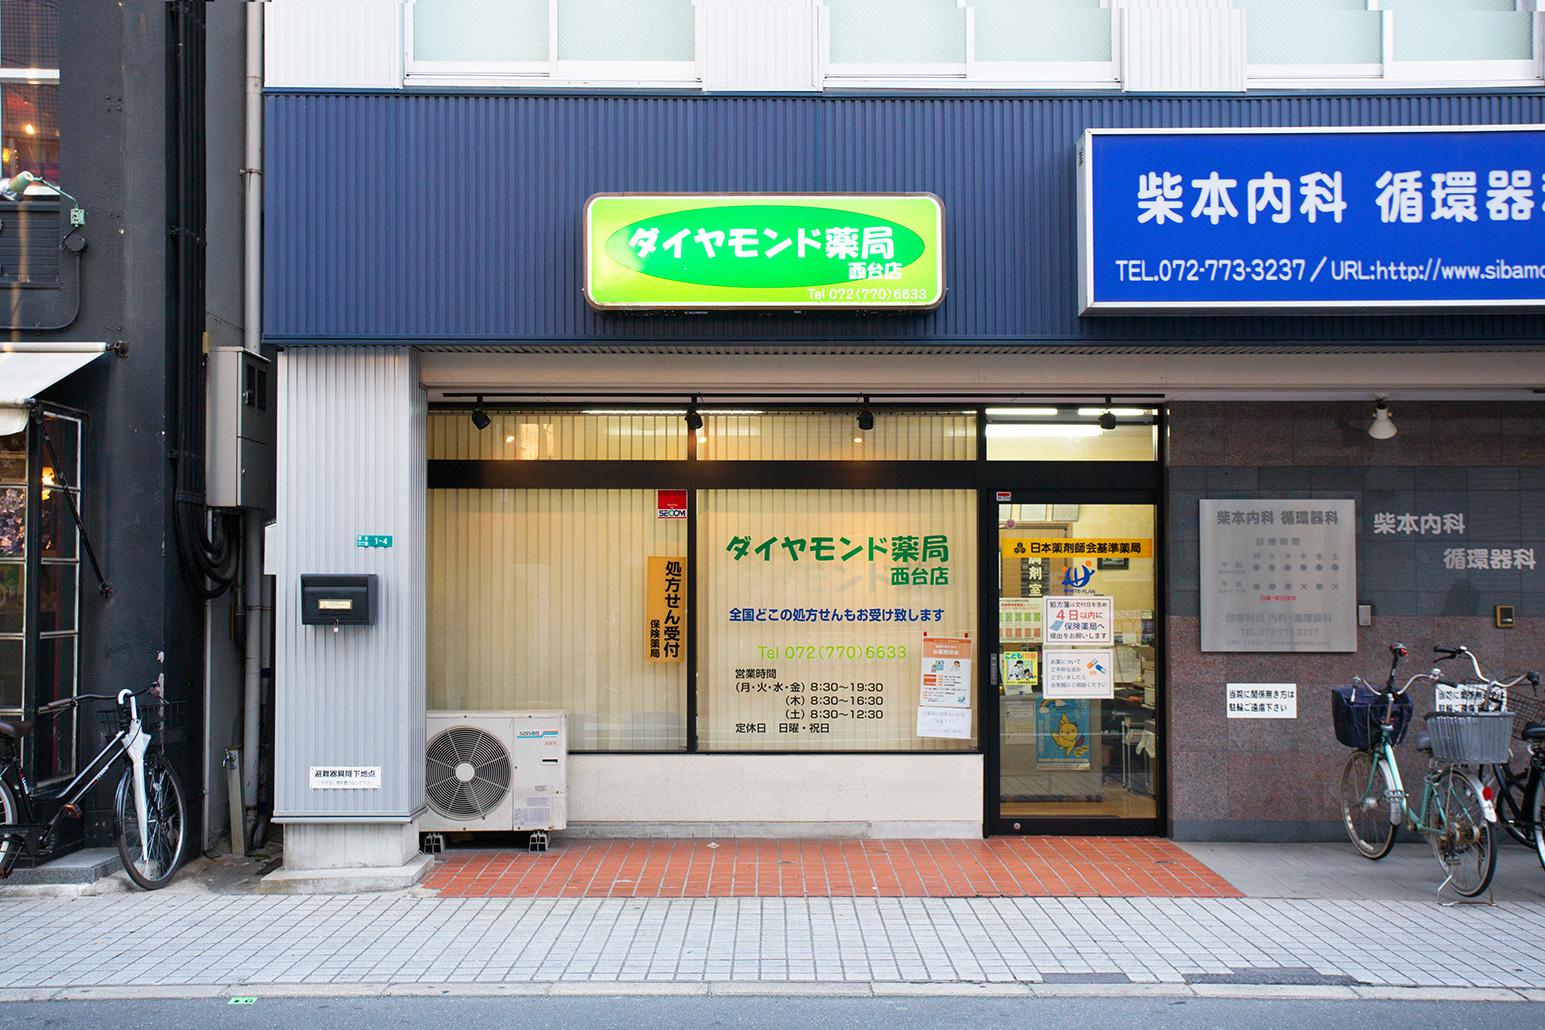 ダイヤモンド薬局 西台店 写真01